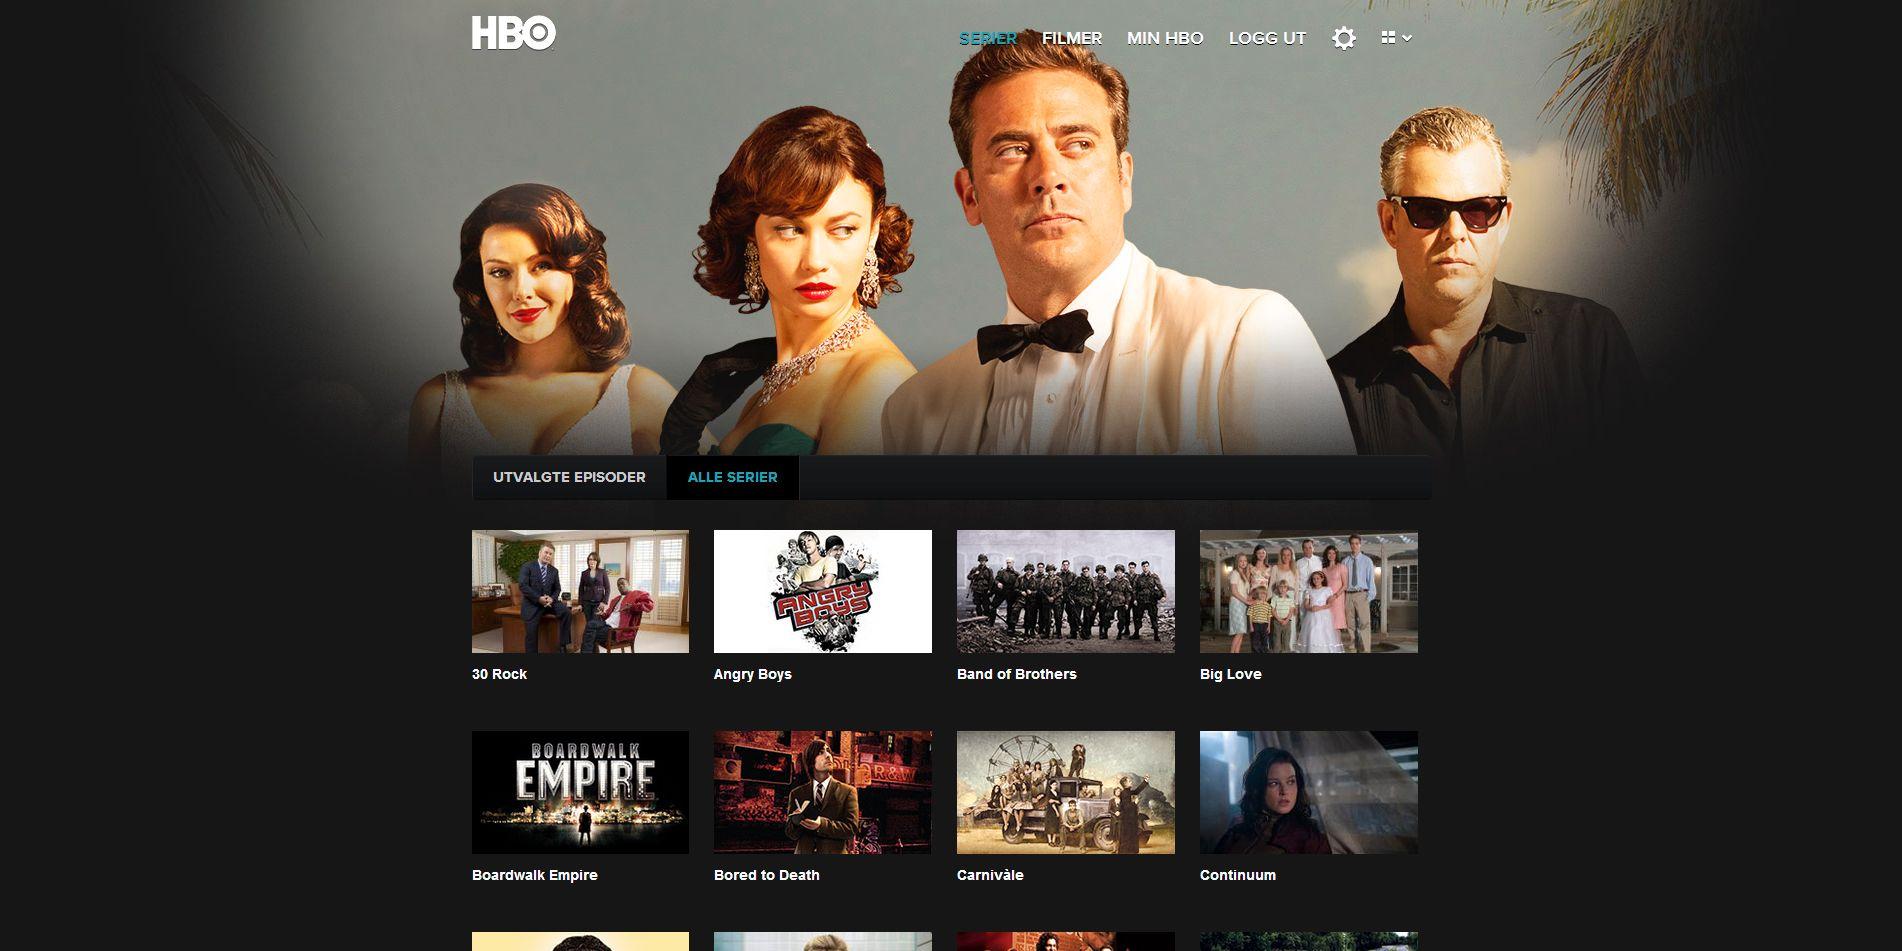 Den andre måten å se forsiden på gir deg bedre oversikt over alle seriene HBO har.